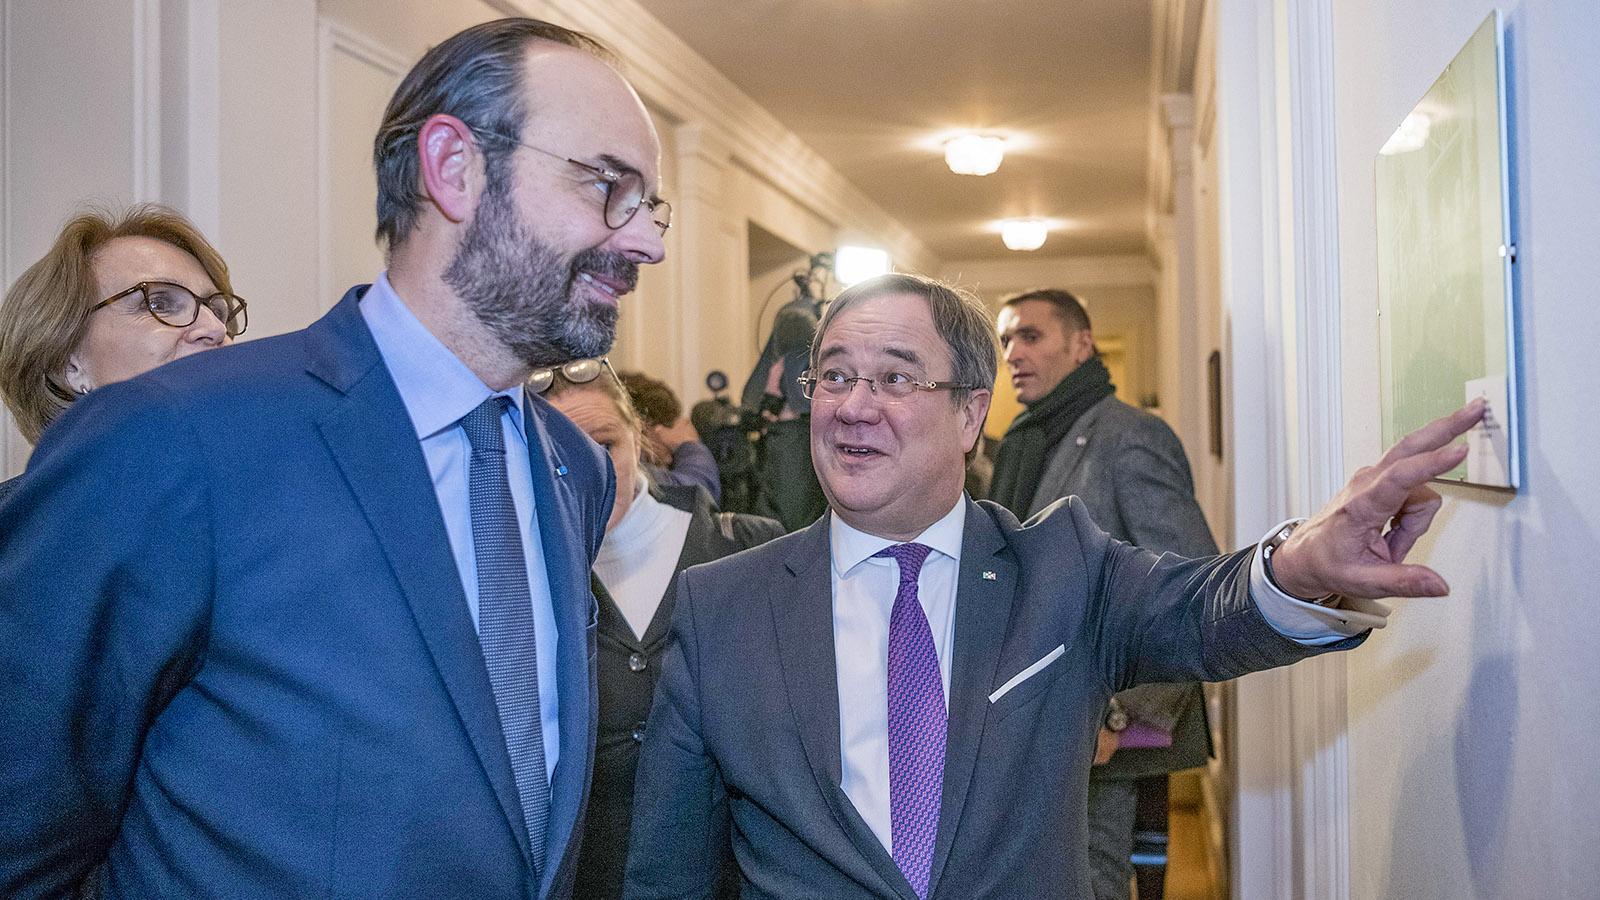 Armin Laschet mit Frankreichs Premier Édouard Philippe und Botschafterin Anne-Marie Descôtes in Bonn. Foto: Land NRW/Marc Hermeneau.